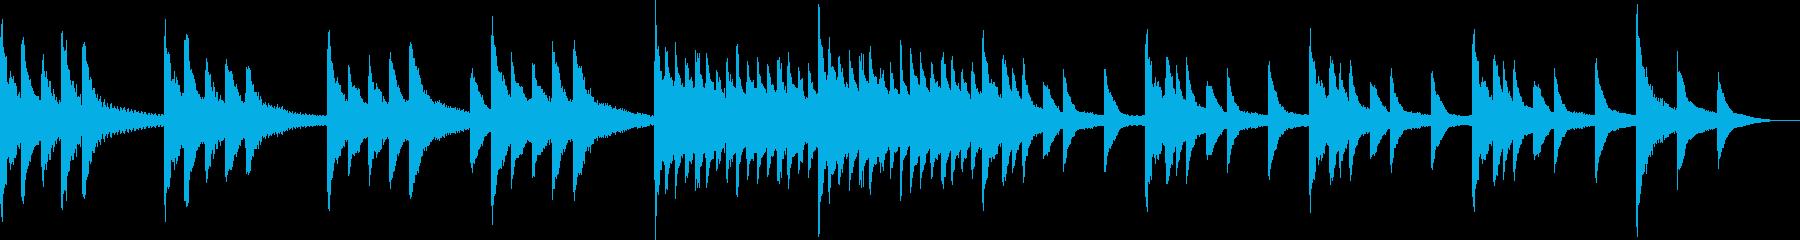 ホラー・恐ろしげなピアノの再生済みの波形